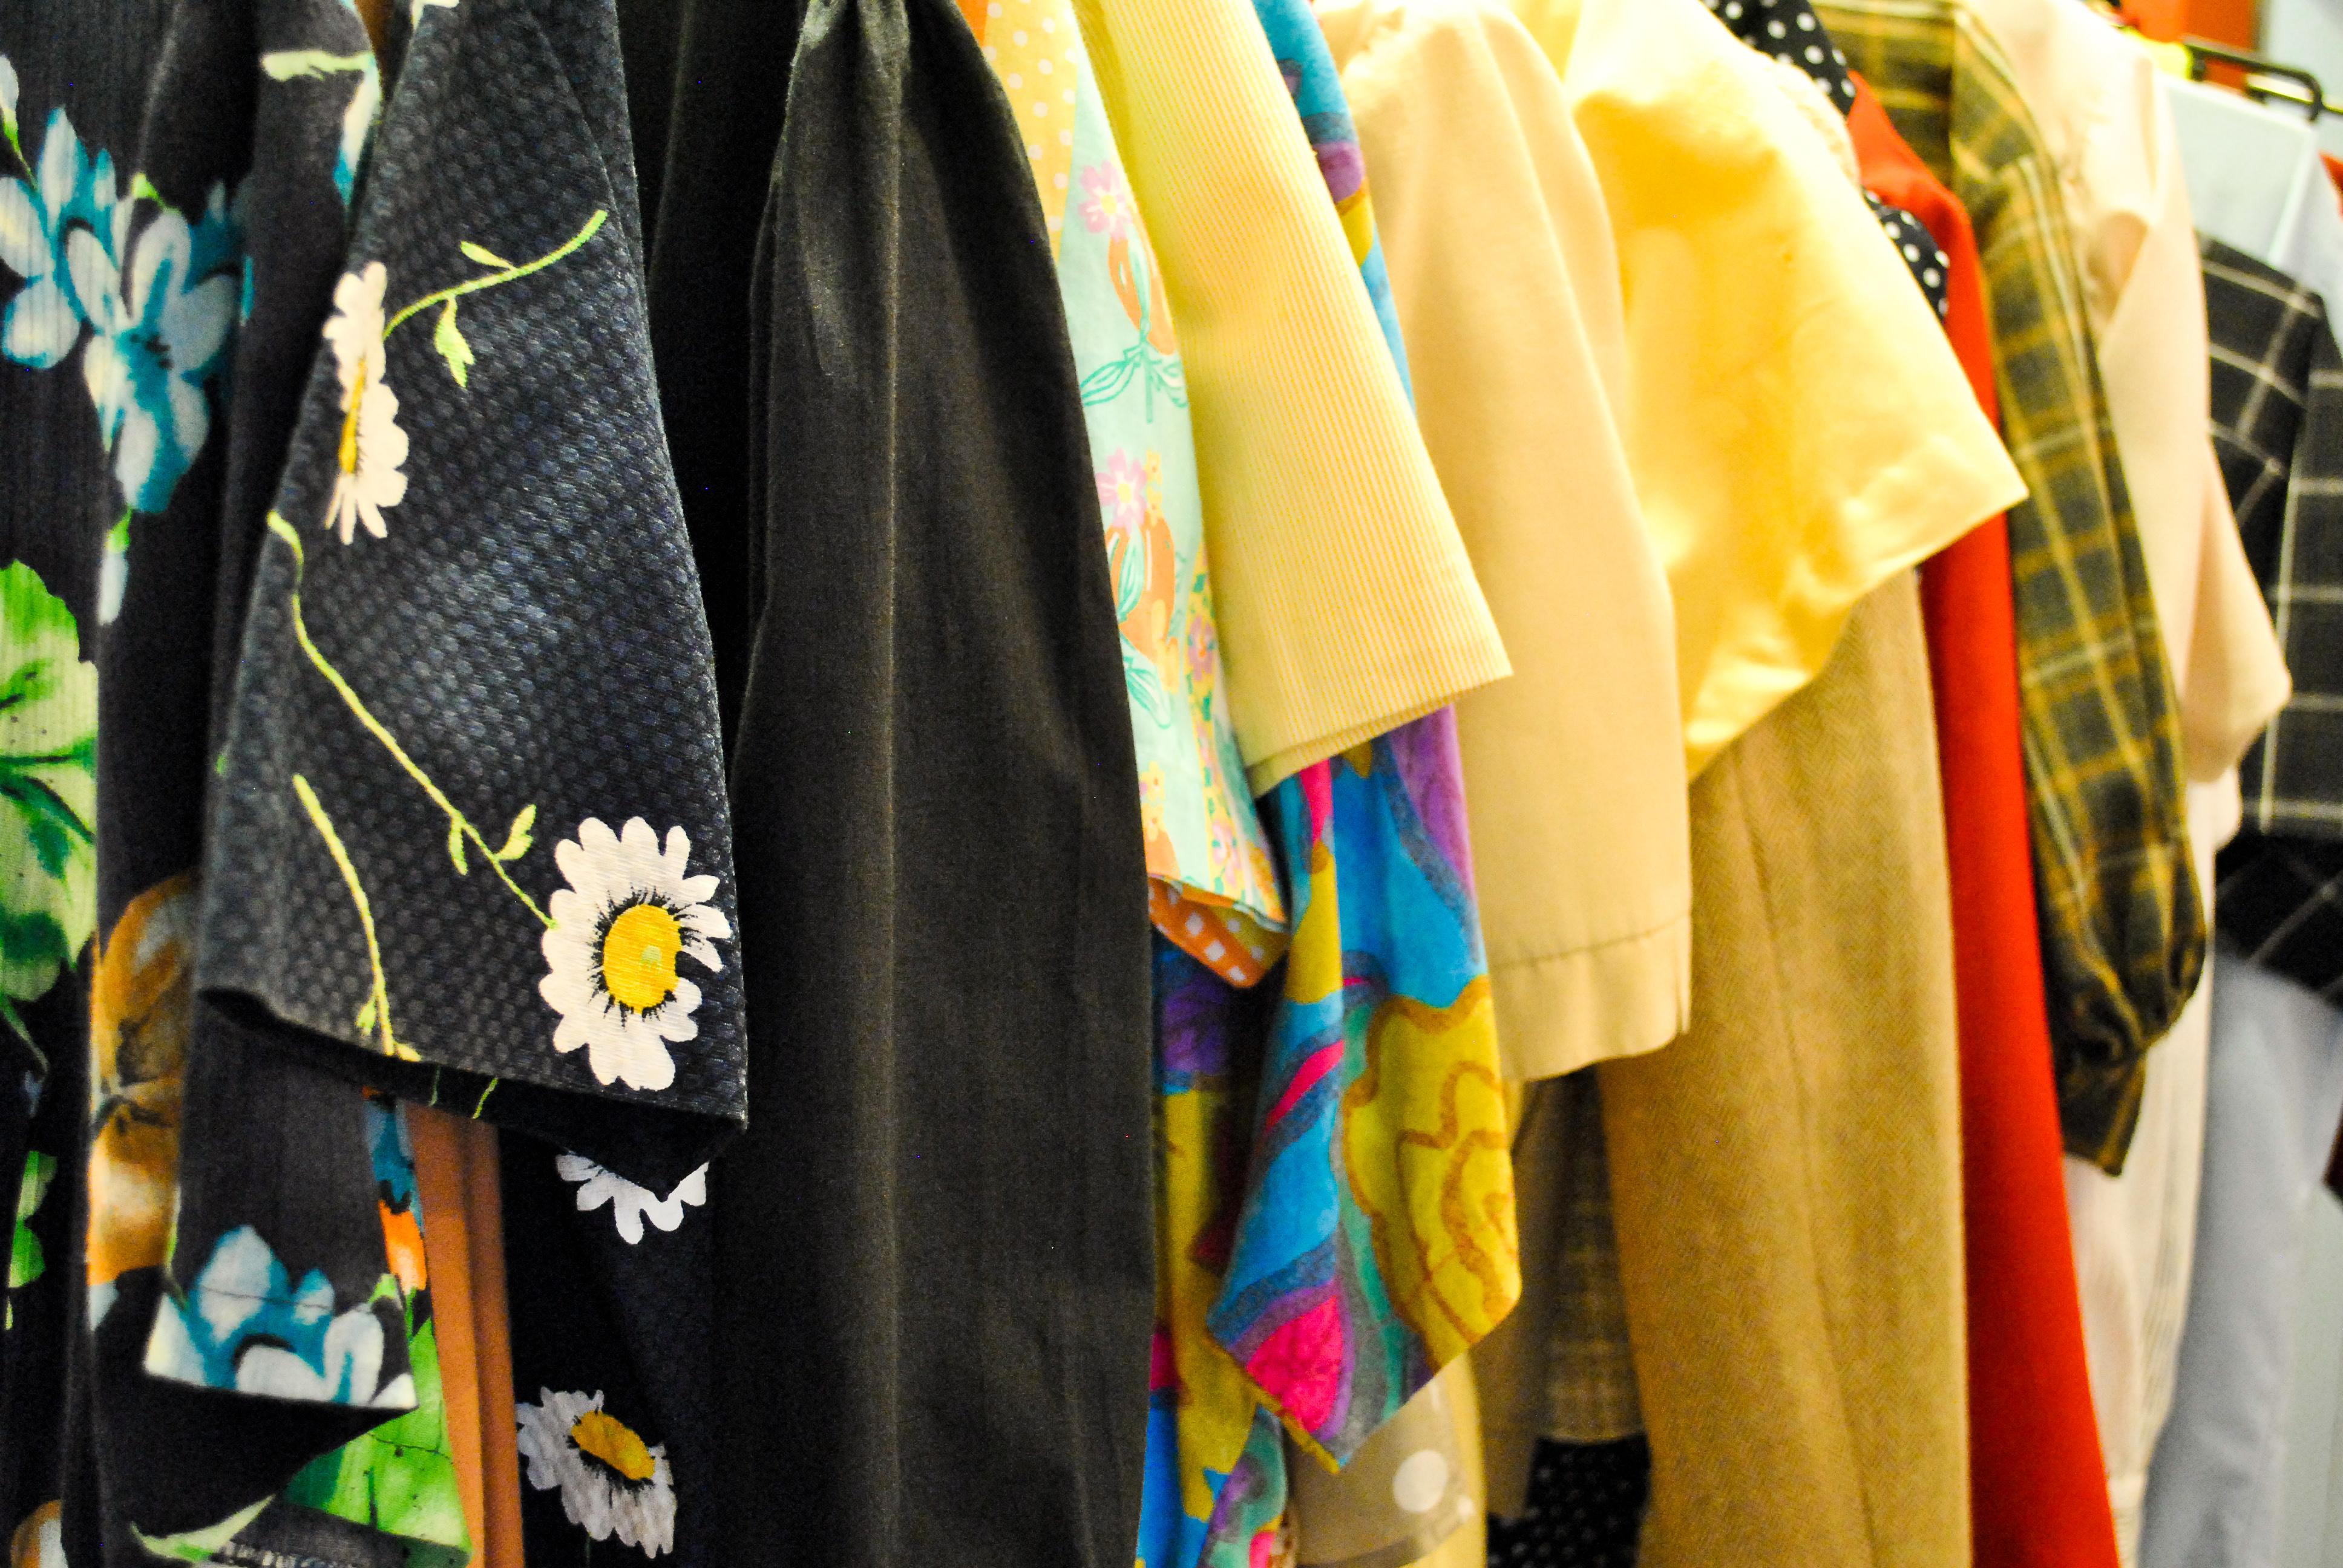 Ildsjæle vil reparere tøj og holde byttemarkeder